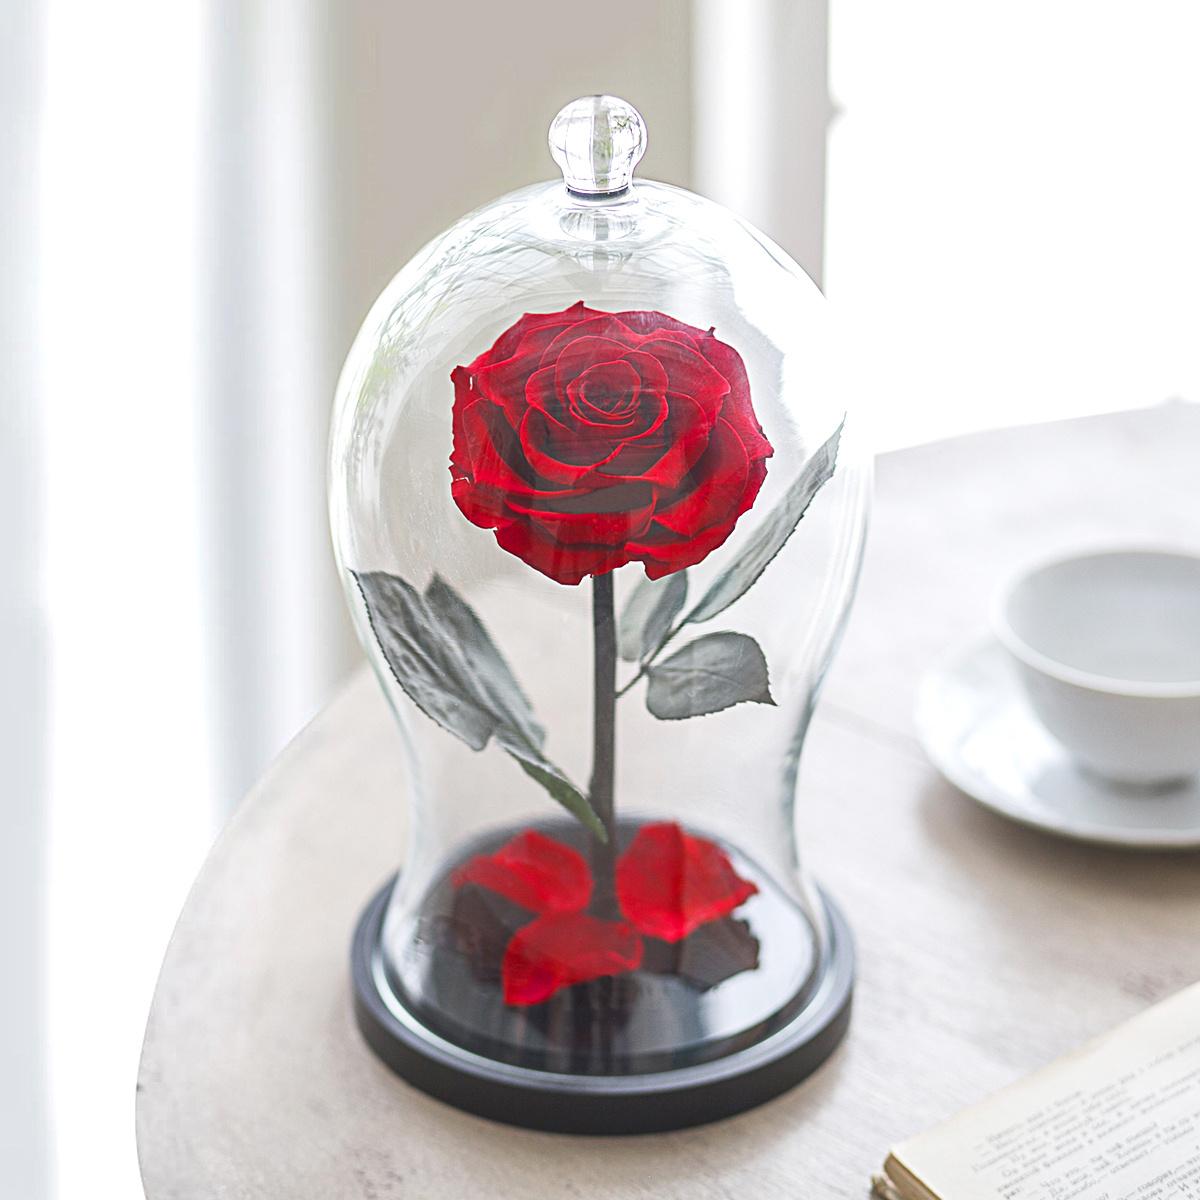 Долговечная стабилизированная роза в стеклянной колбе Premium X - Notta & Belle  #1